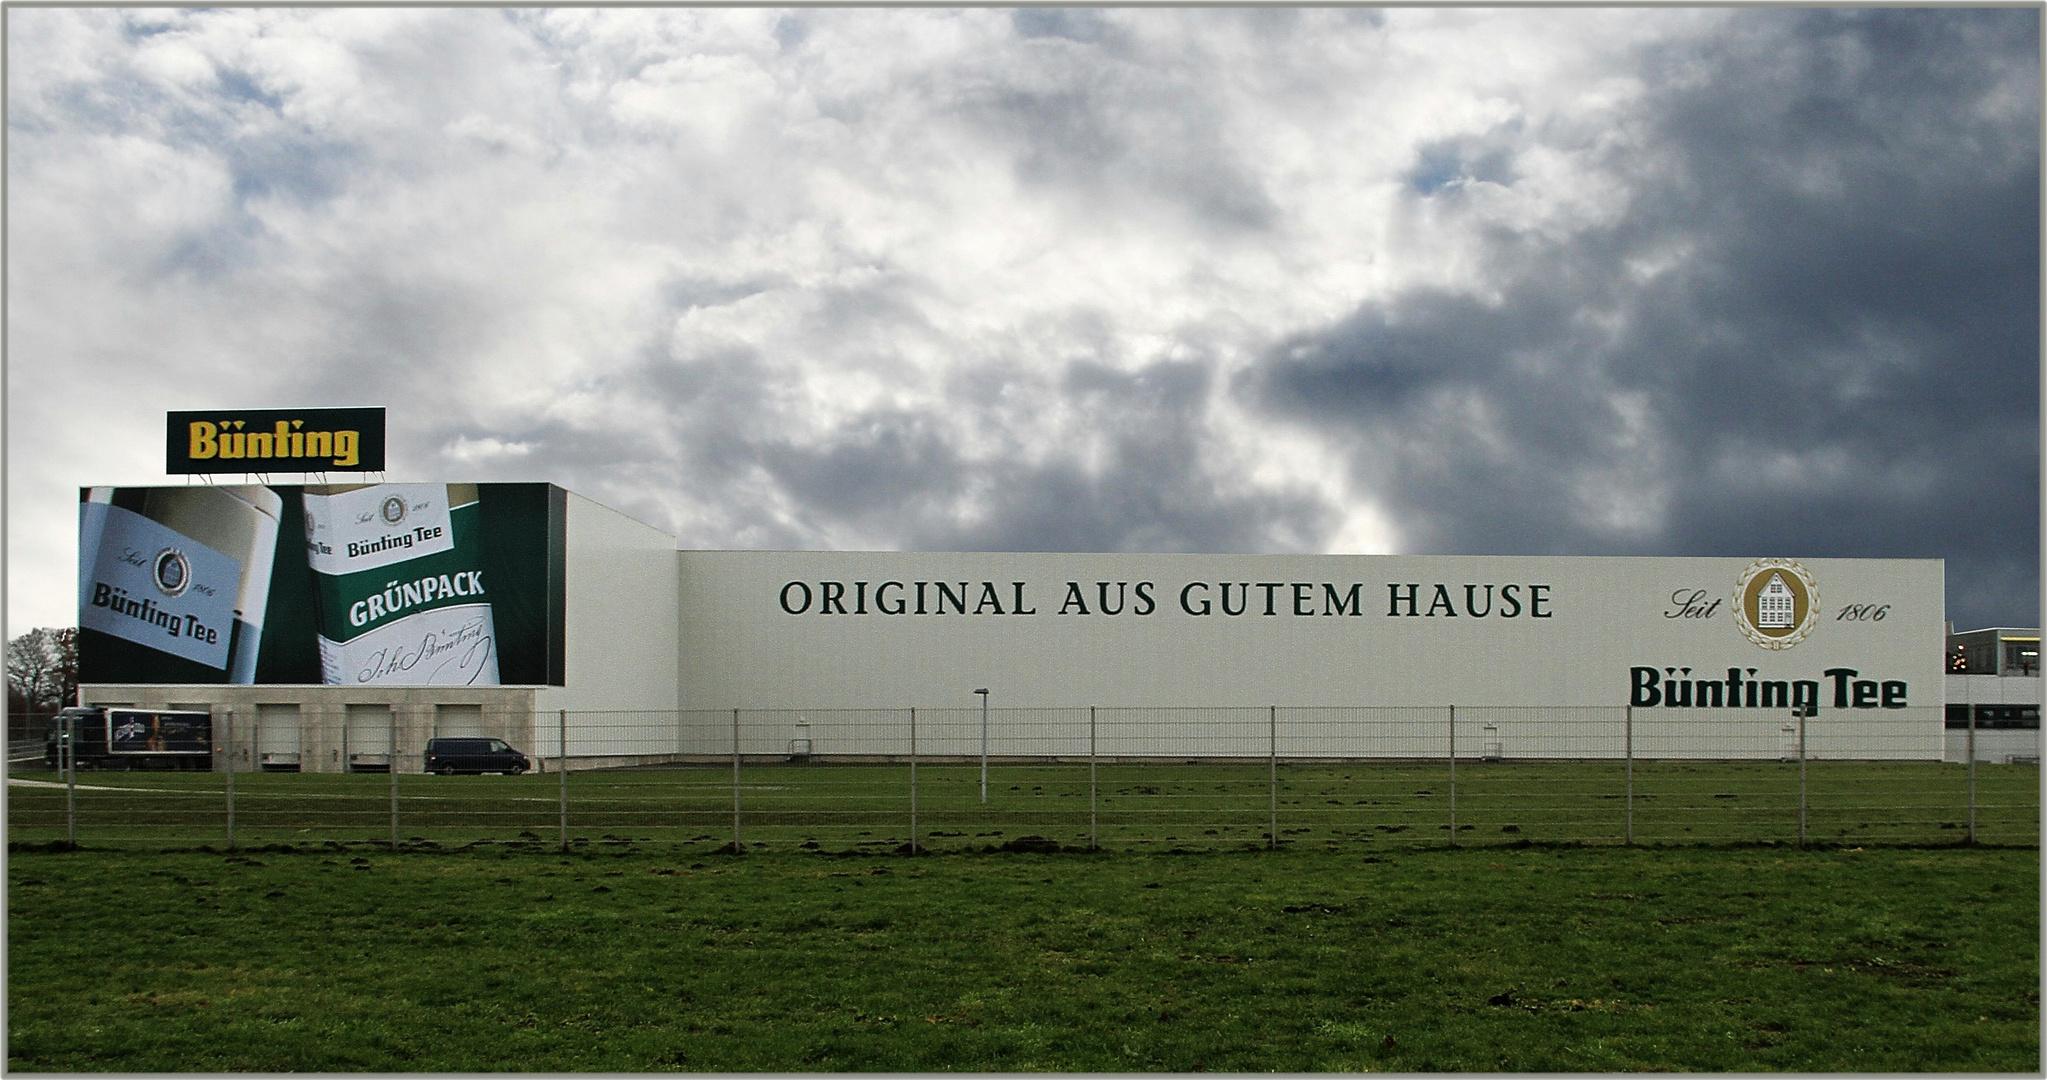 ORIGINAL AUS GUTEM HAUSE